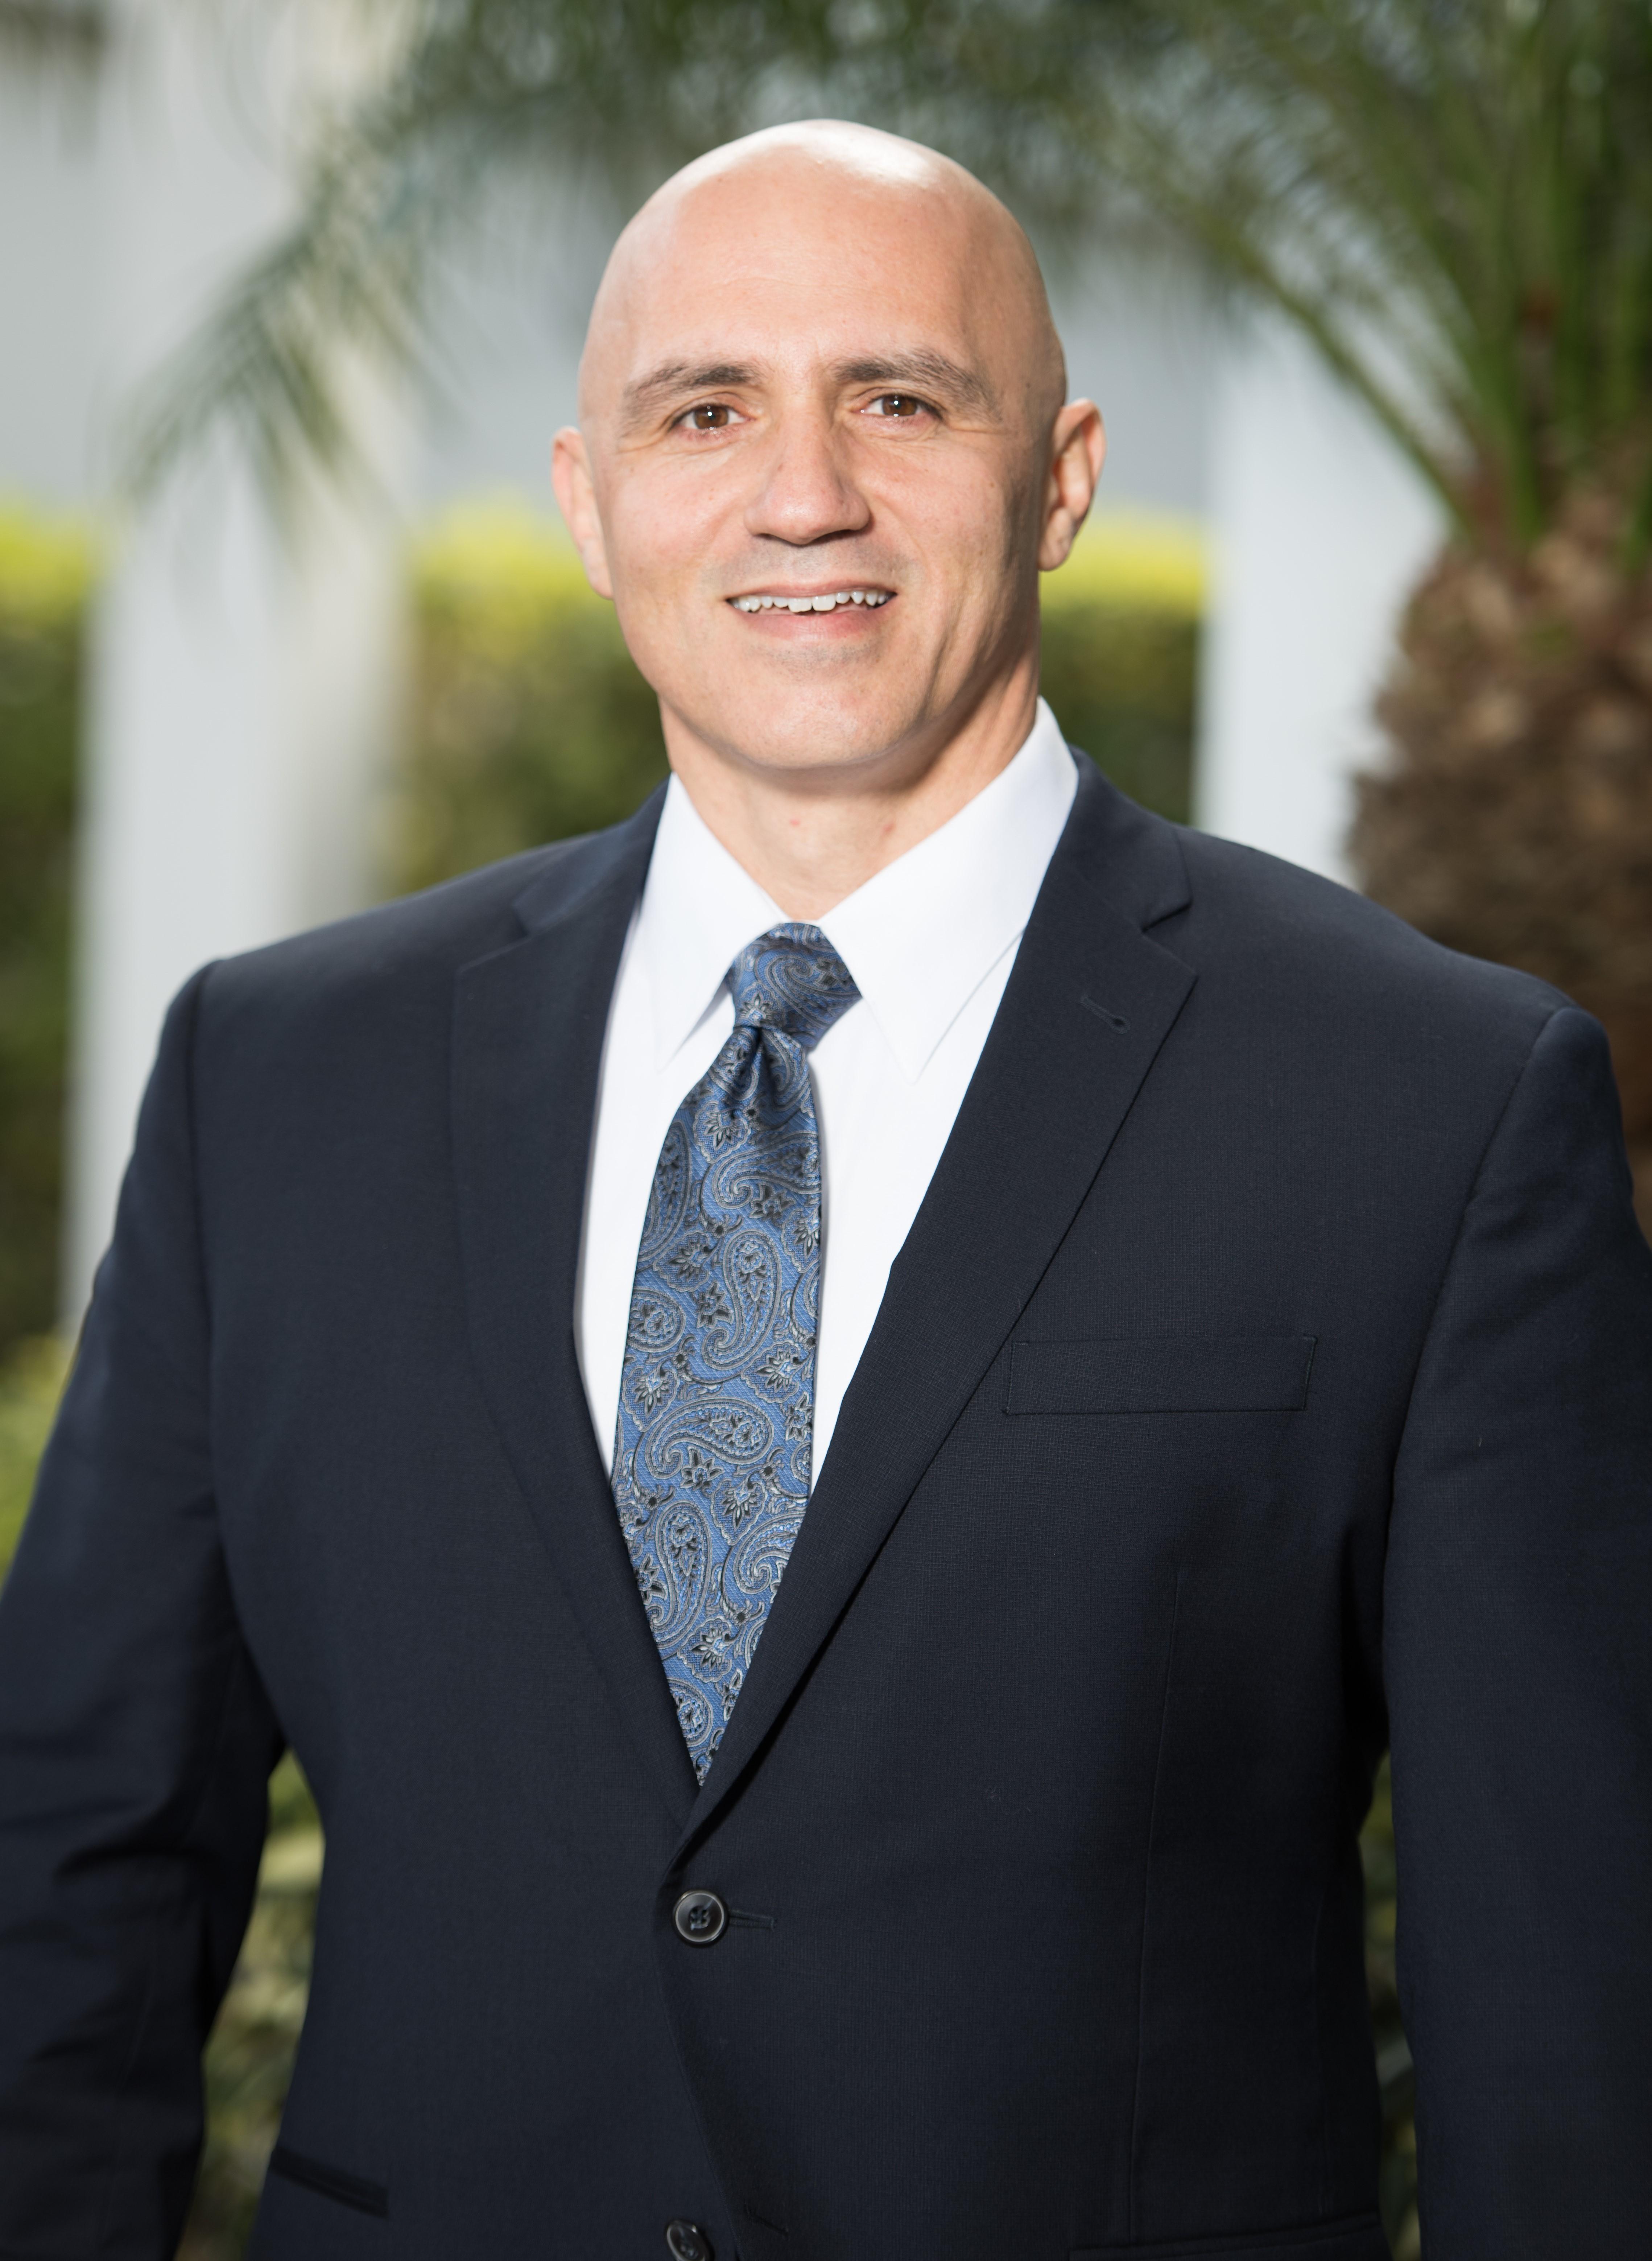 George Pantelaras